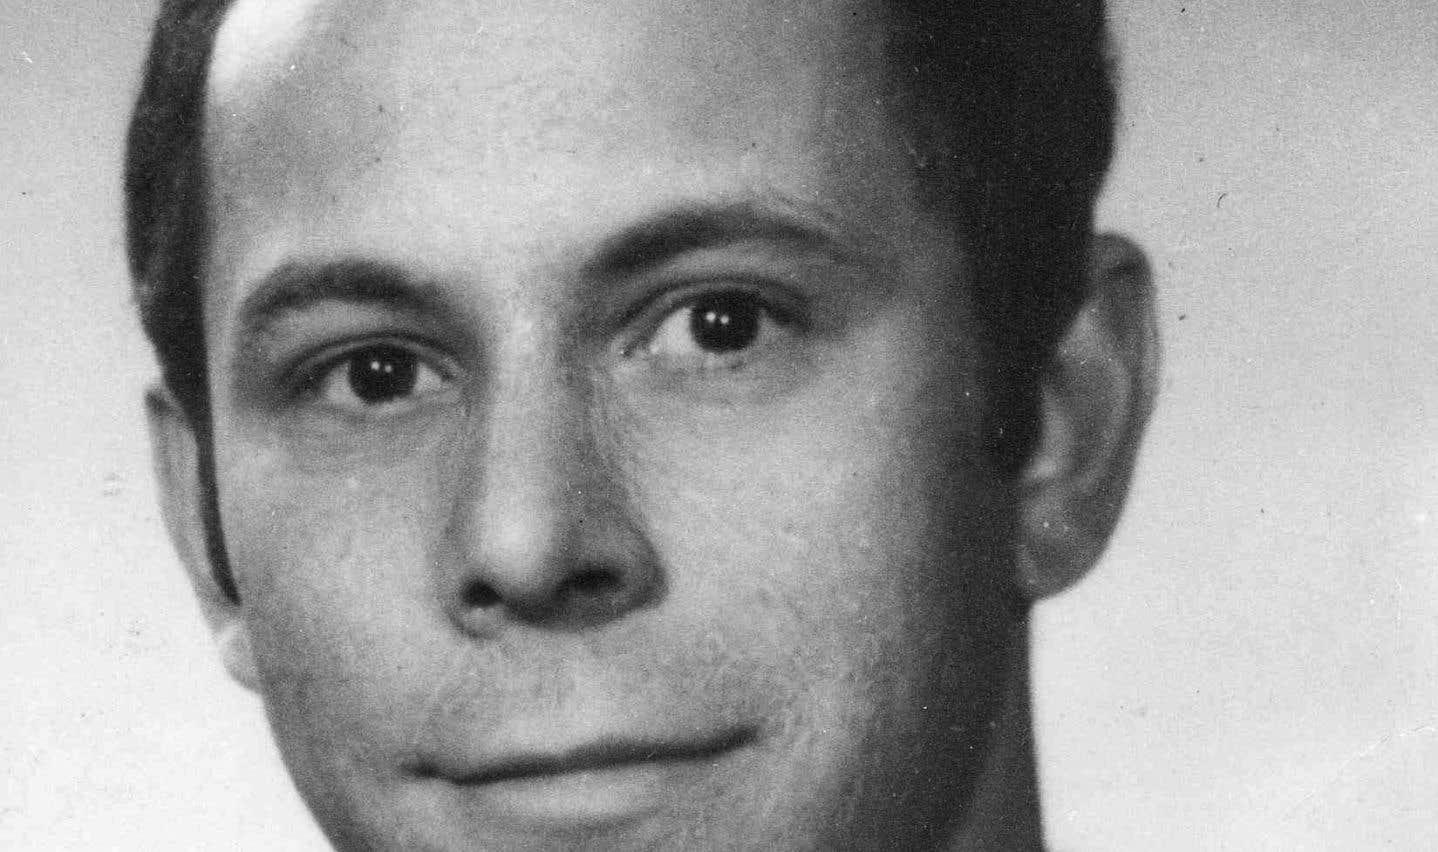 Les proches de Réjean Ducharme refusent les grands hommages nationaux